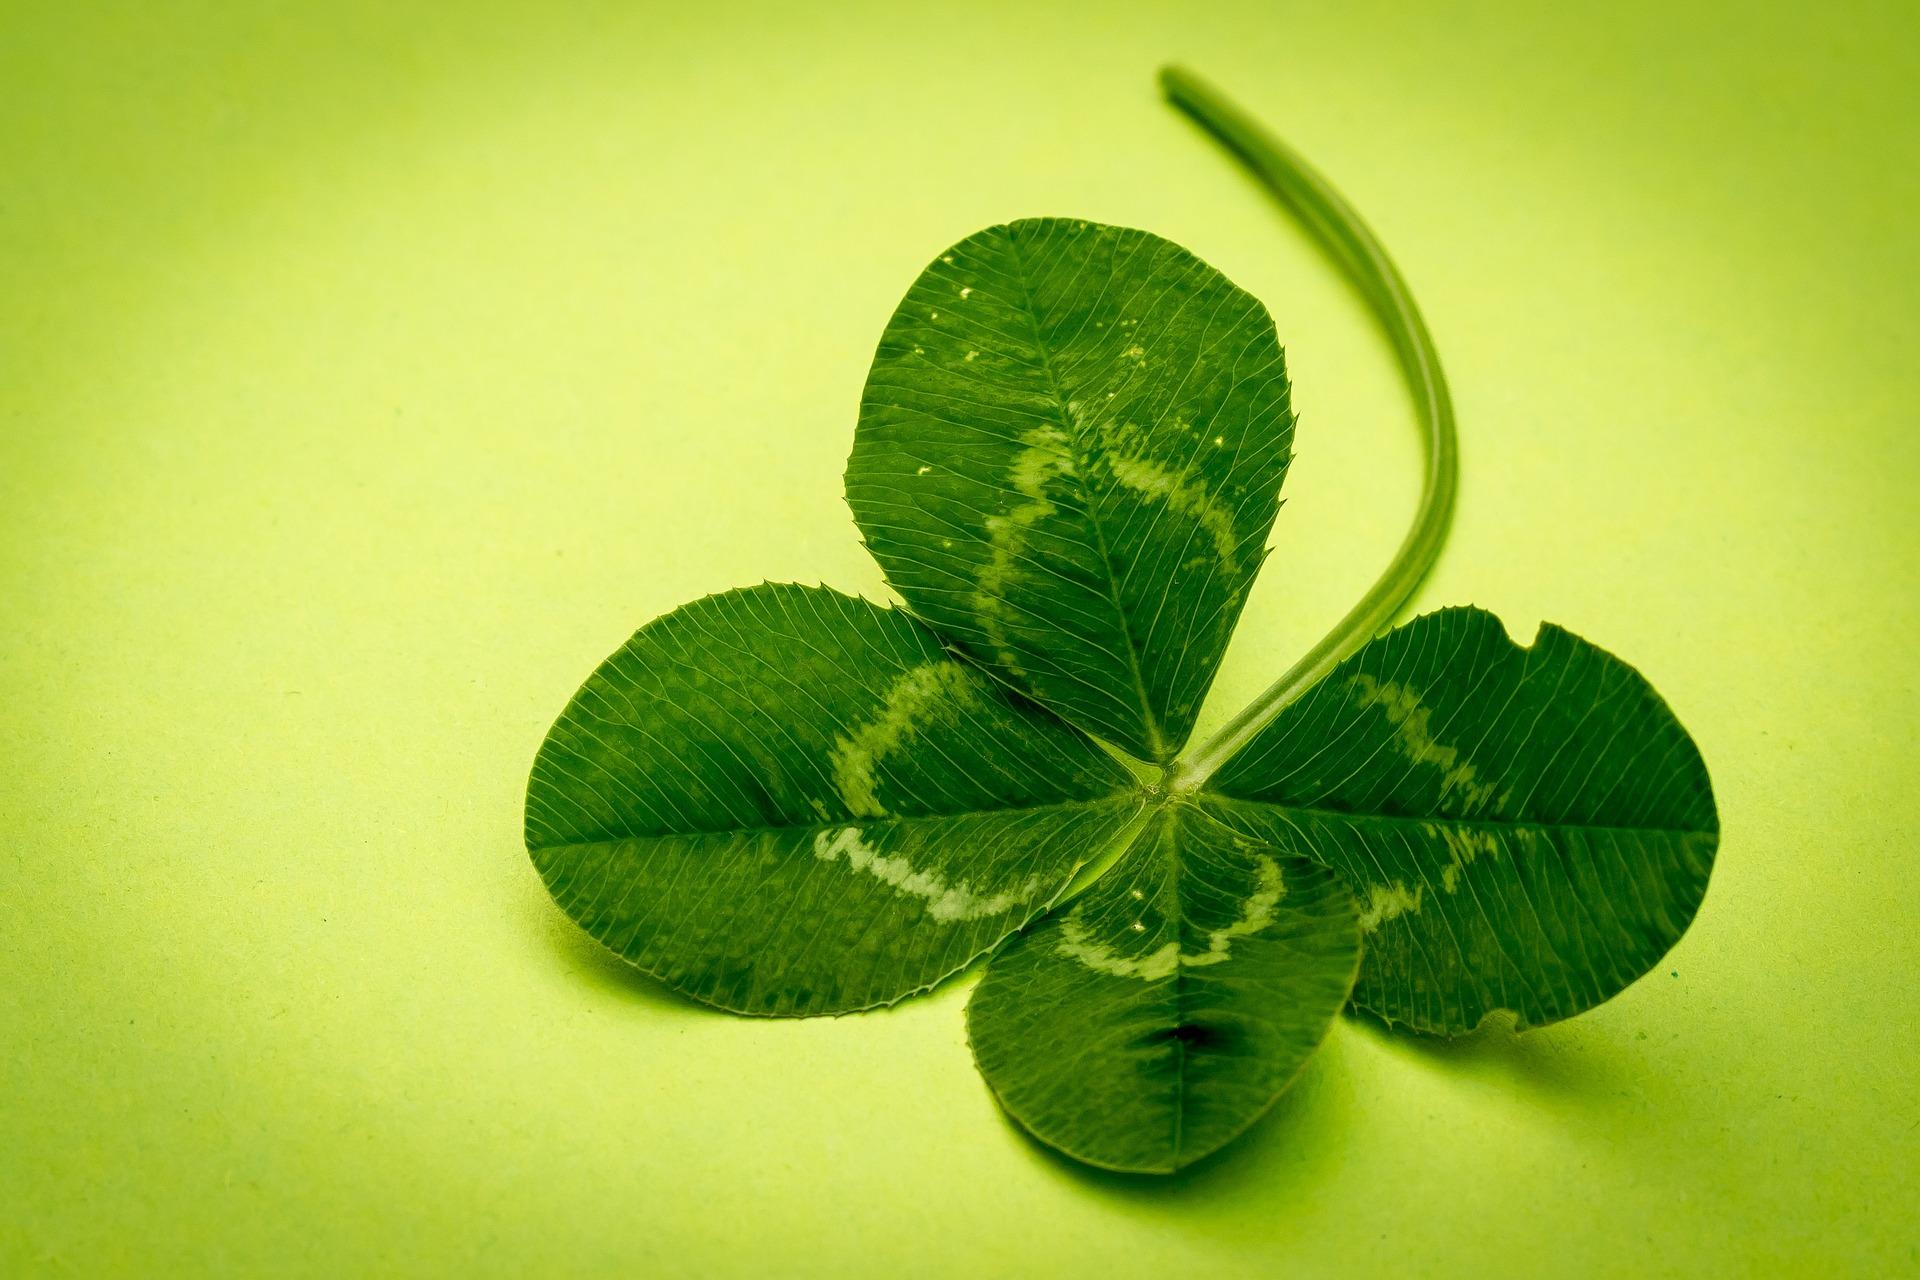 Vierblättriges Kleeblatt als Sinnbild wie man schnell und einfach für gute Glücksgefühle sorgen kann